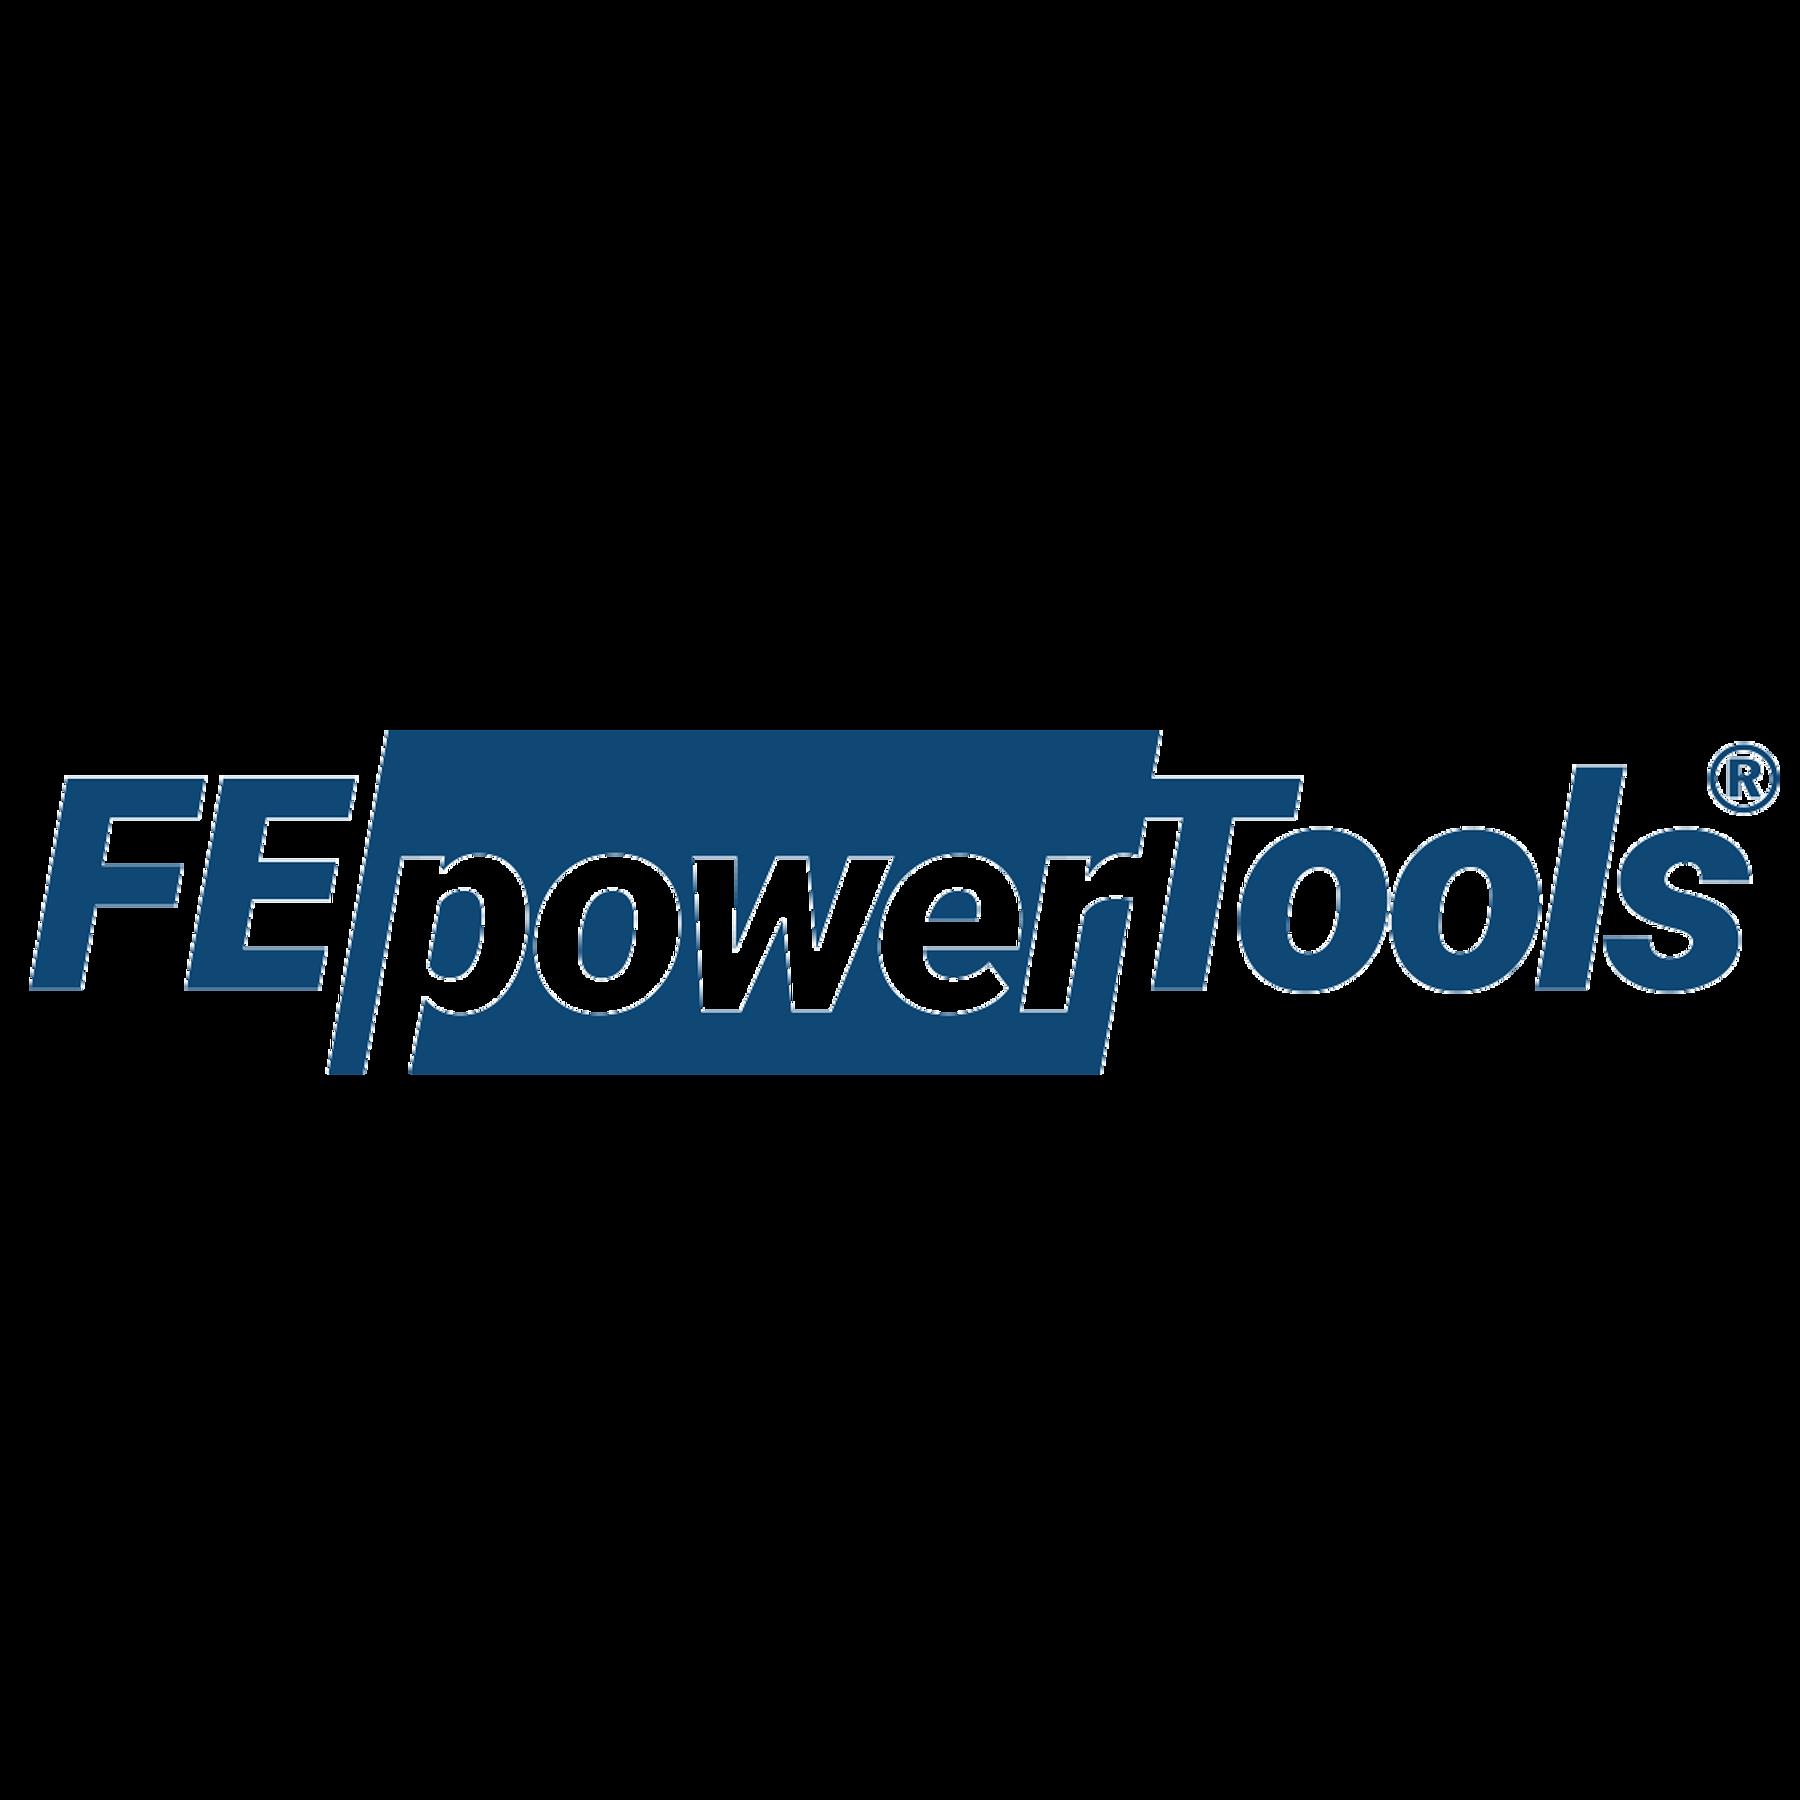 Taladro Magnetico FE POWERTOOLS 36X Entrega a contar del 2 de agosto